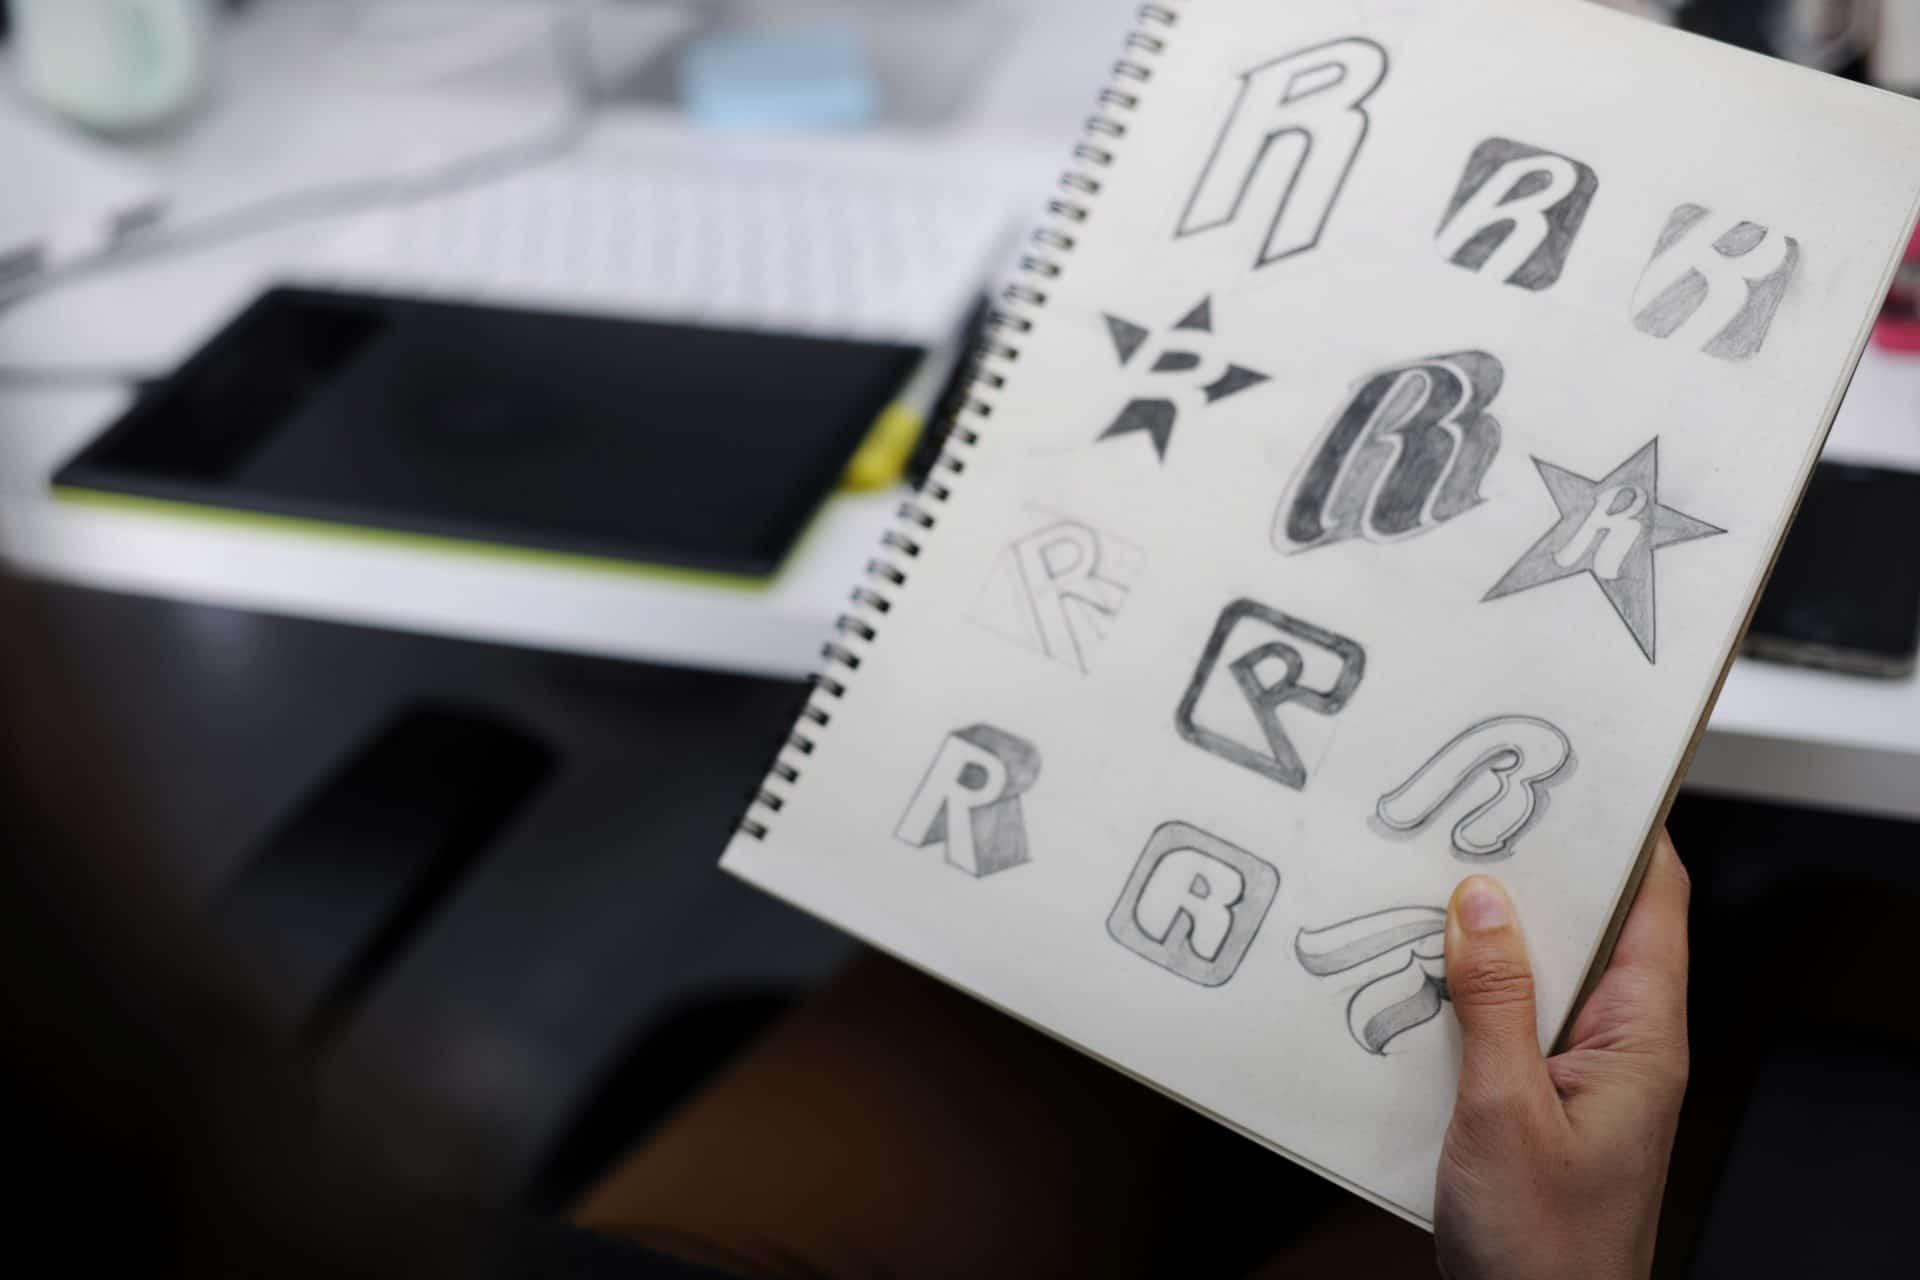 Personal Branding cos'è e rilevanza nel mondo digitale personal branding cos'è - Personal Branding cos   e rilevanza nel mondo digitale - Personal Branding cos'è e rilevanza nel mondo digitale